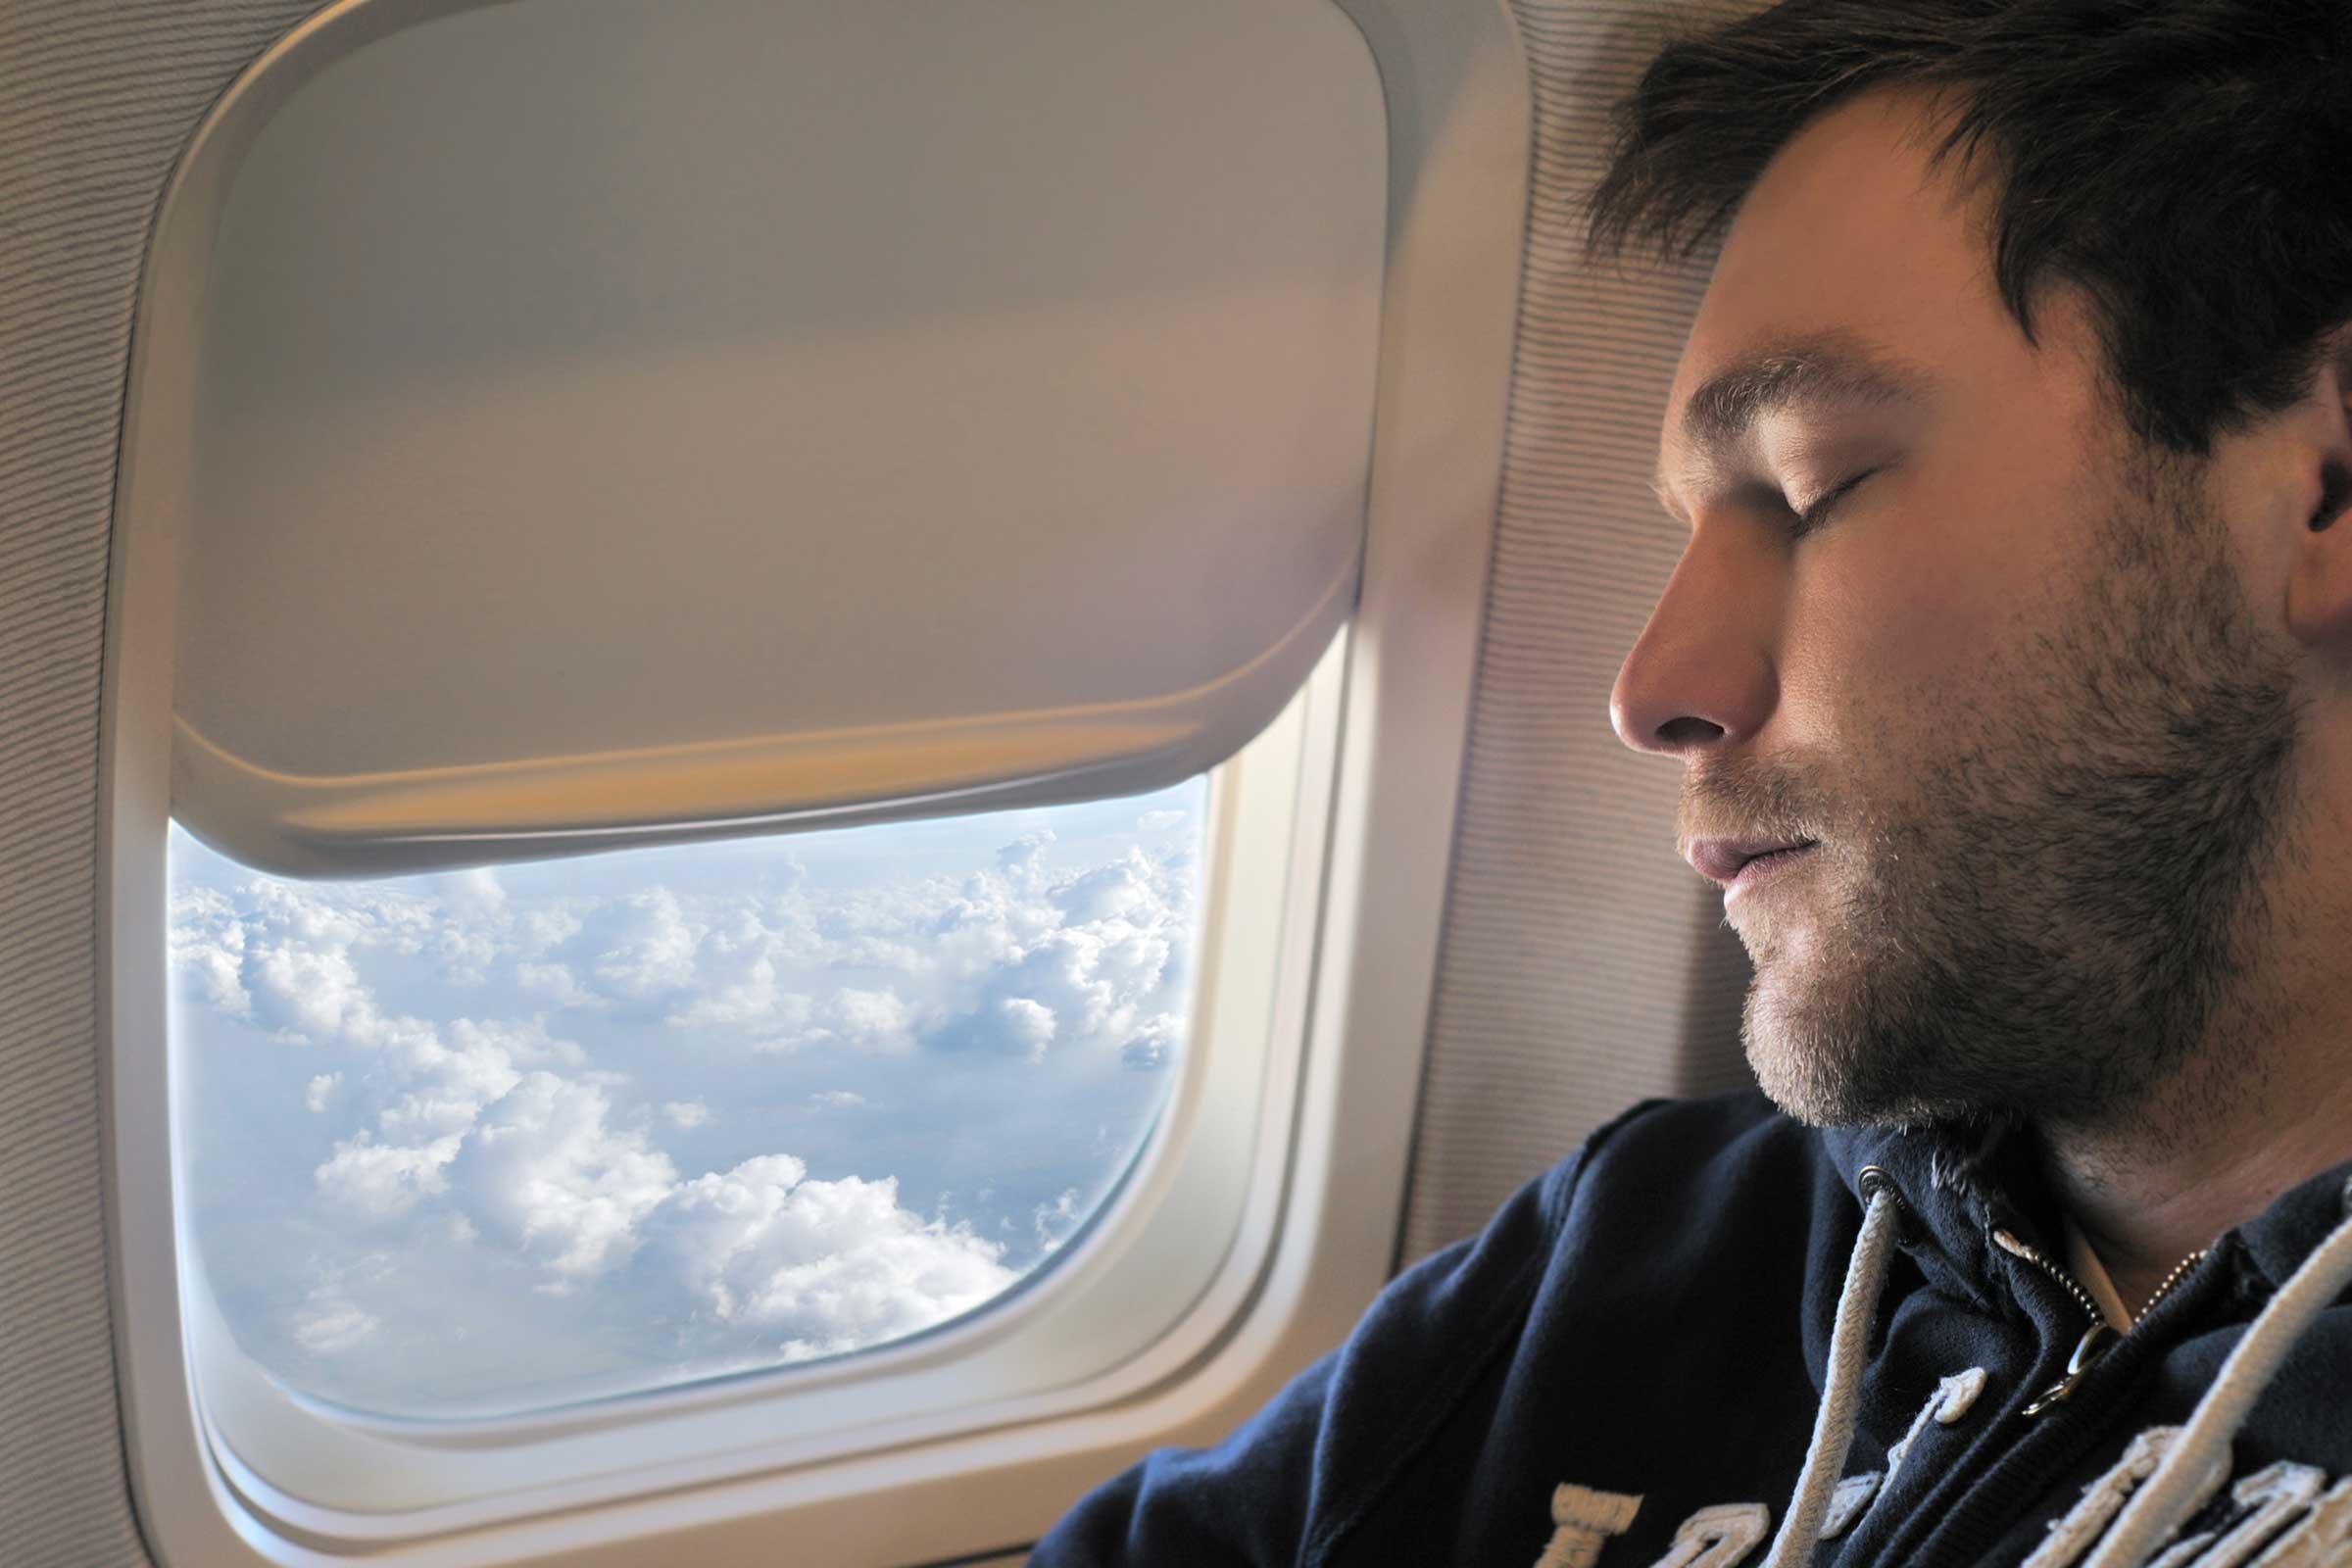 از خوابیدن هنگام تغییر ارتفاع هواپیما خودداری کنید/با خوابیدن عضله بسازید/سالاد بخورید تا سکته قلبی نکنید!/غذایی که باعث حلقه های تیره زیر چشم می شوند